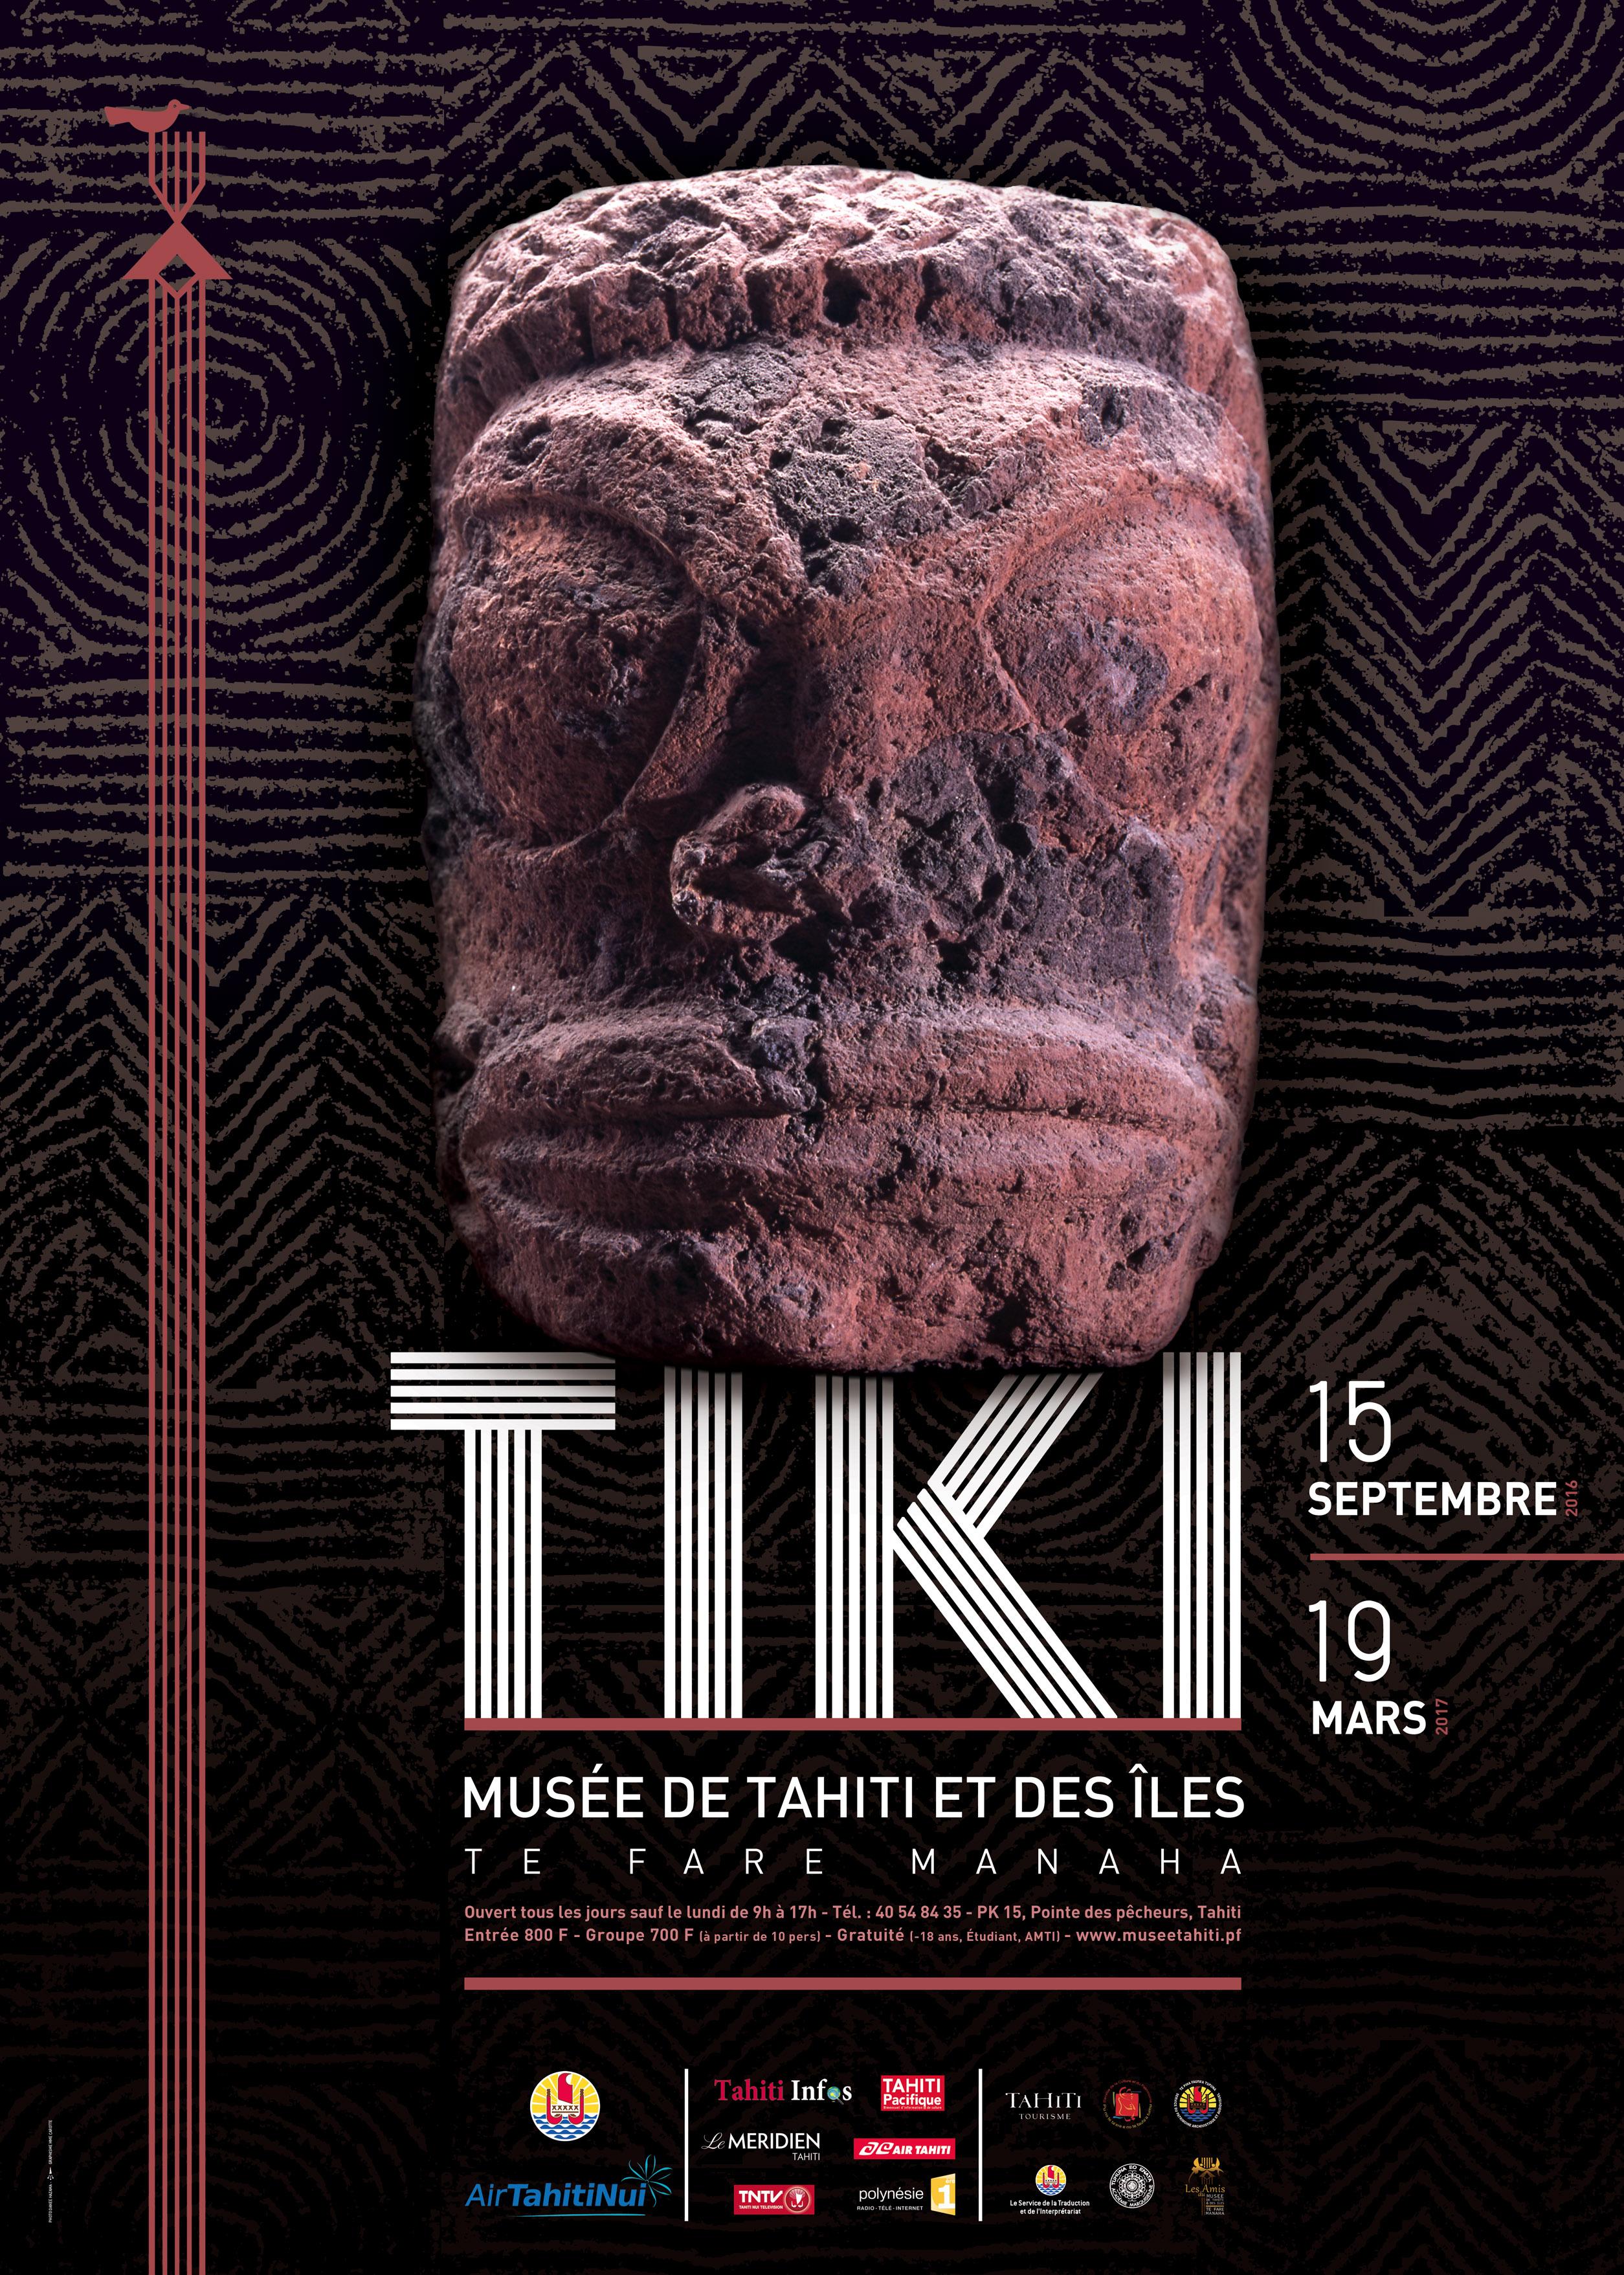 Les secrets du tiki révélés dans une exposition au Musée de Tahiti et des îles